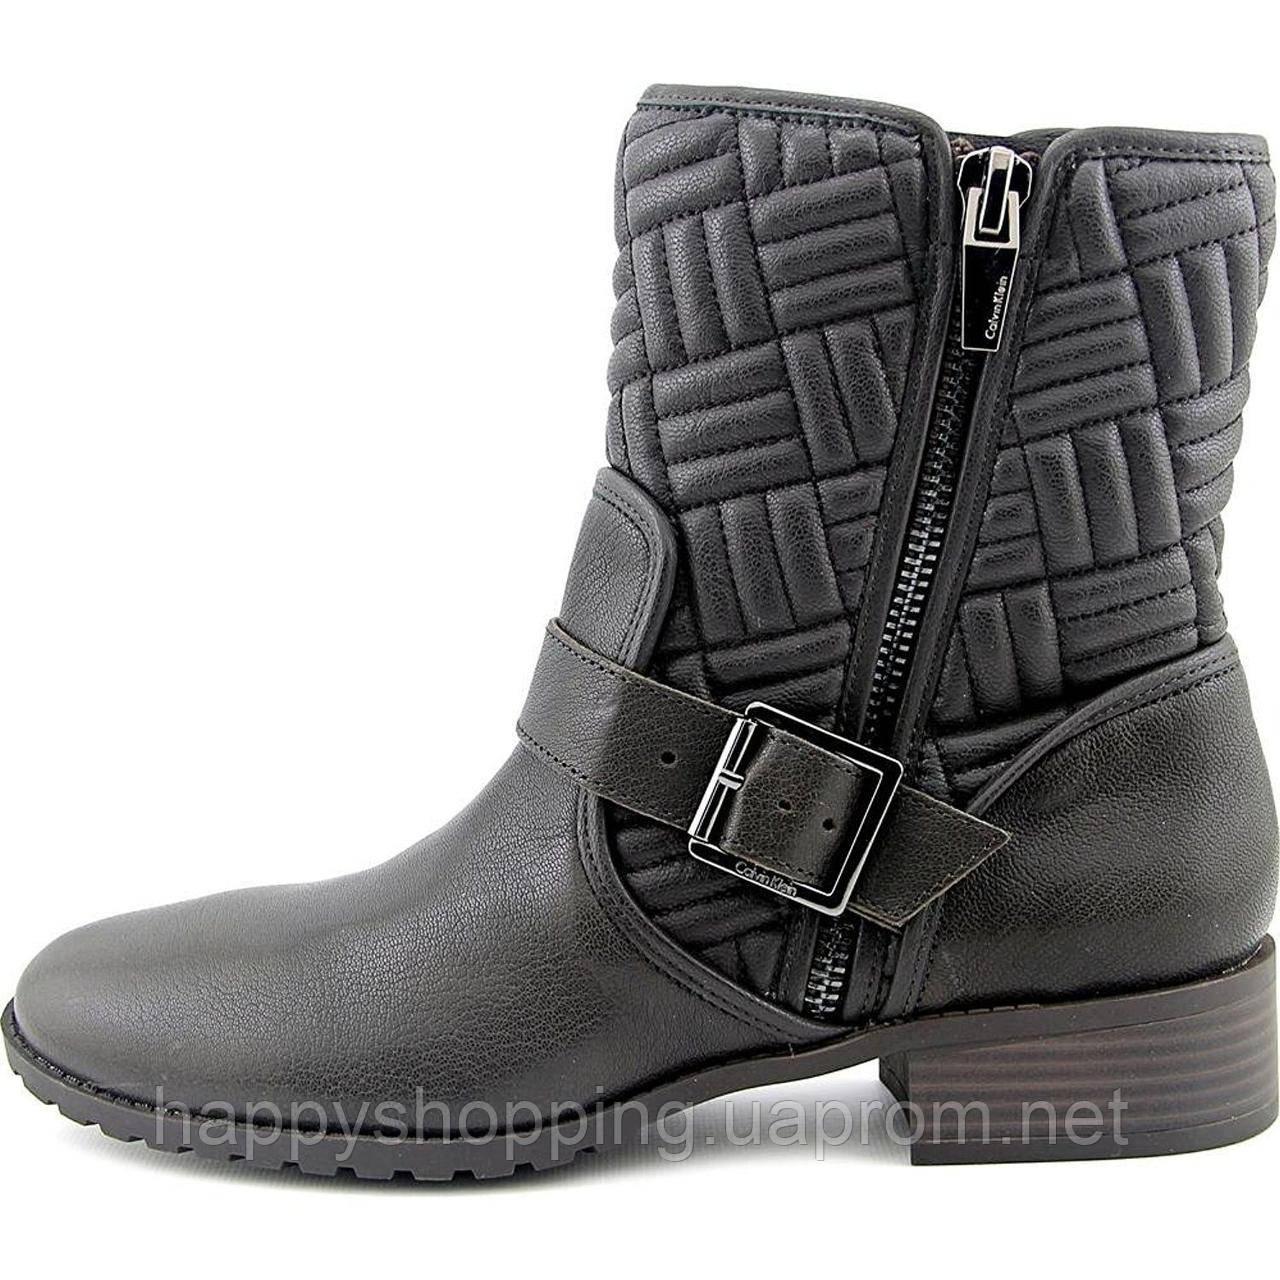 ... Женские стильные темно-коричневые демисезонные ботинки Calvin Klein  натуральная кожа оригинал fff357736e578